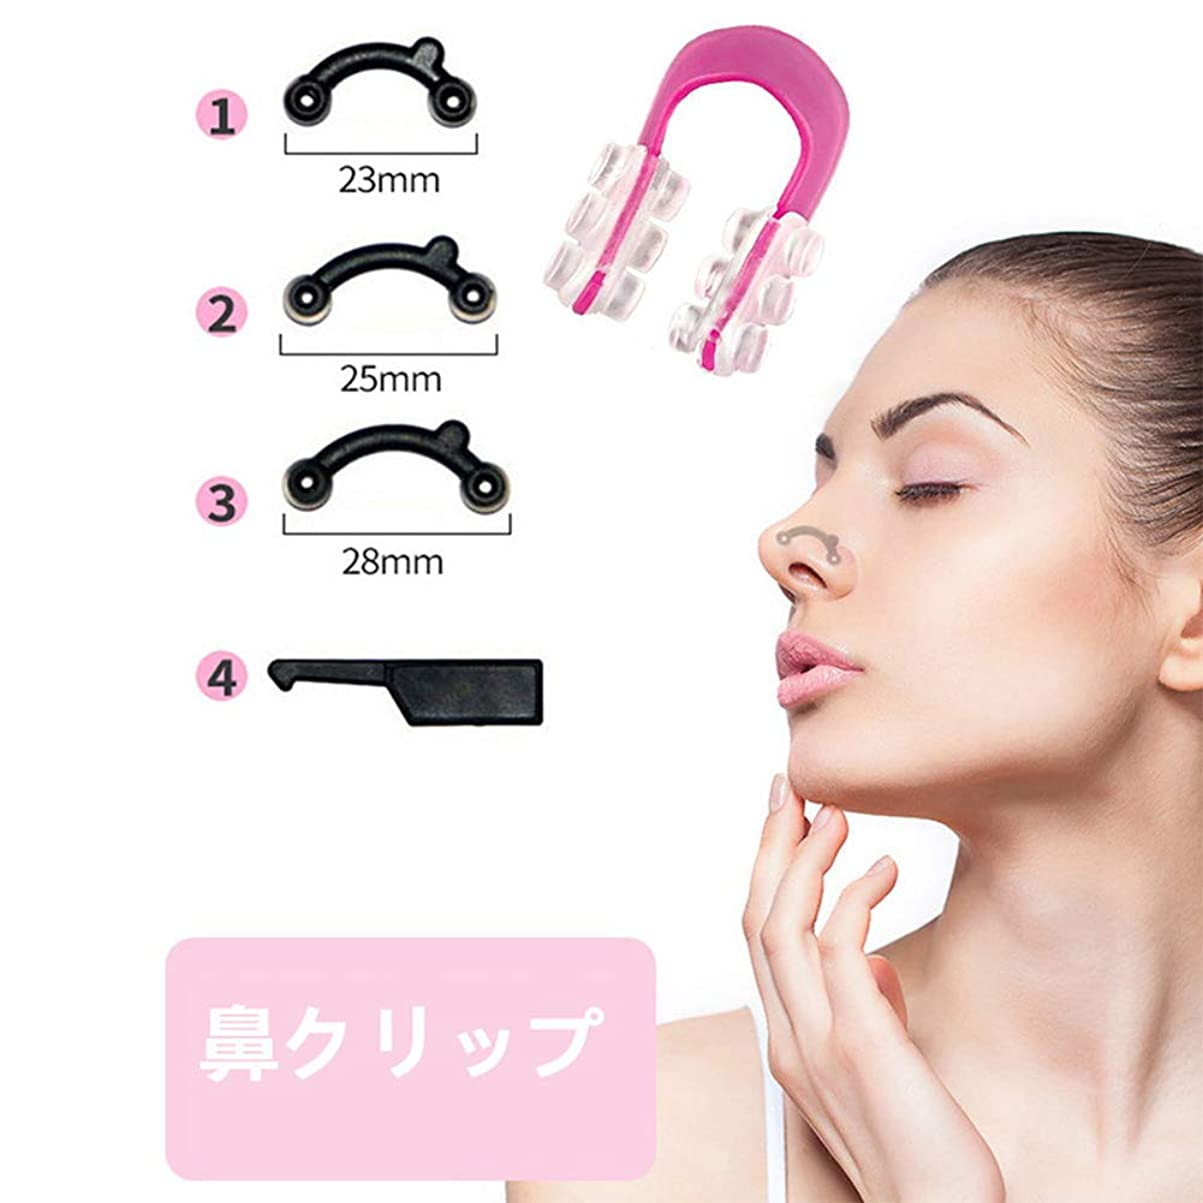 NITIUMI 鼻クリップ ノーズクリップ 鼻筋セレブ 柔軟性高く 抗菌シリコンで 痛くない 正規品 矯正プチ 整形せず 23mm/25mm/28mm全3サイズセット